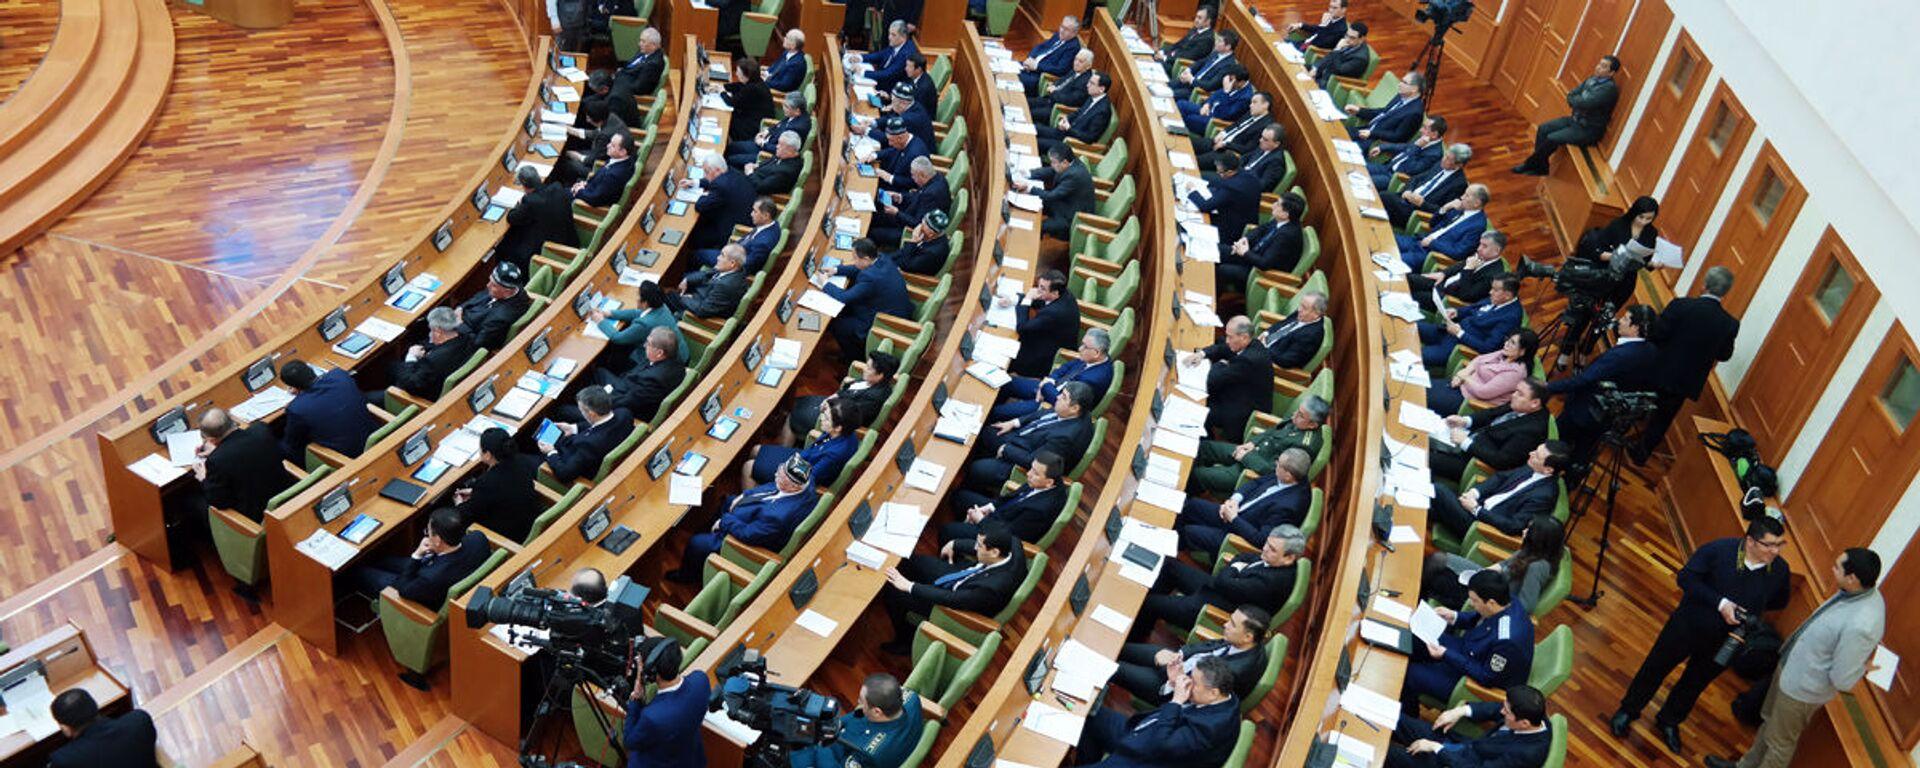 17-ое пленарное заседание Сената Олий Мажлиса РУз - Sputnik Узбекистан, 1920, 27.08.2021